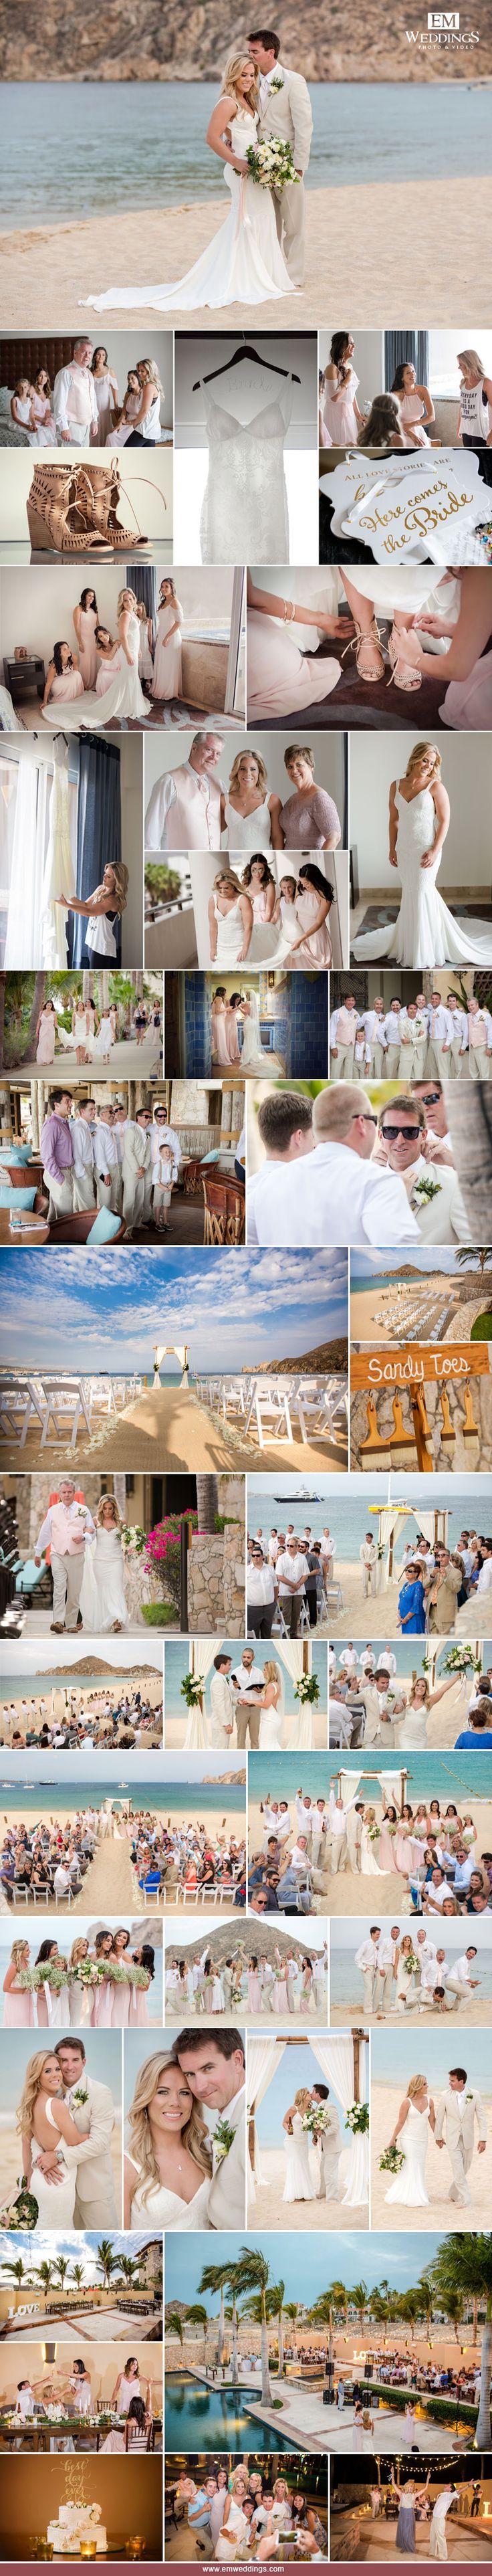 Wedding at Hacienda Cocina y Cantina, Los Cabos, México - Los Cabos Wedding Photographer. #emweddingsphotography #destinationweddings